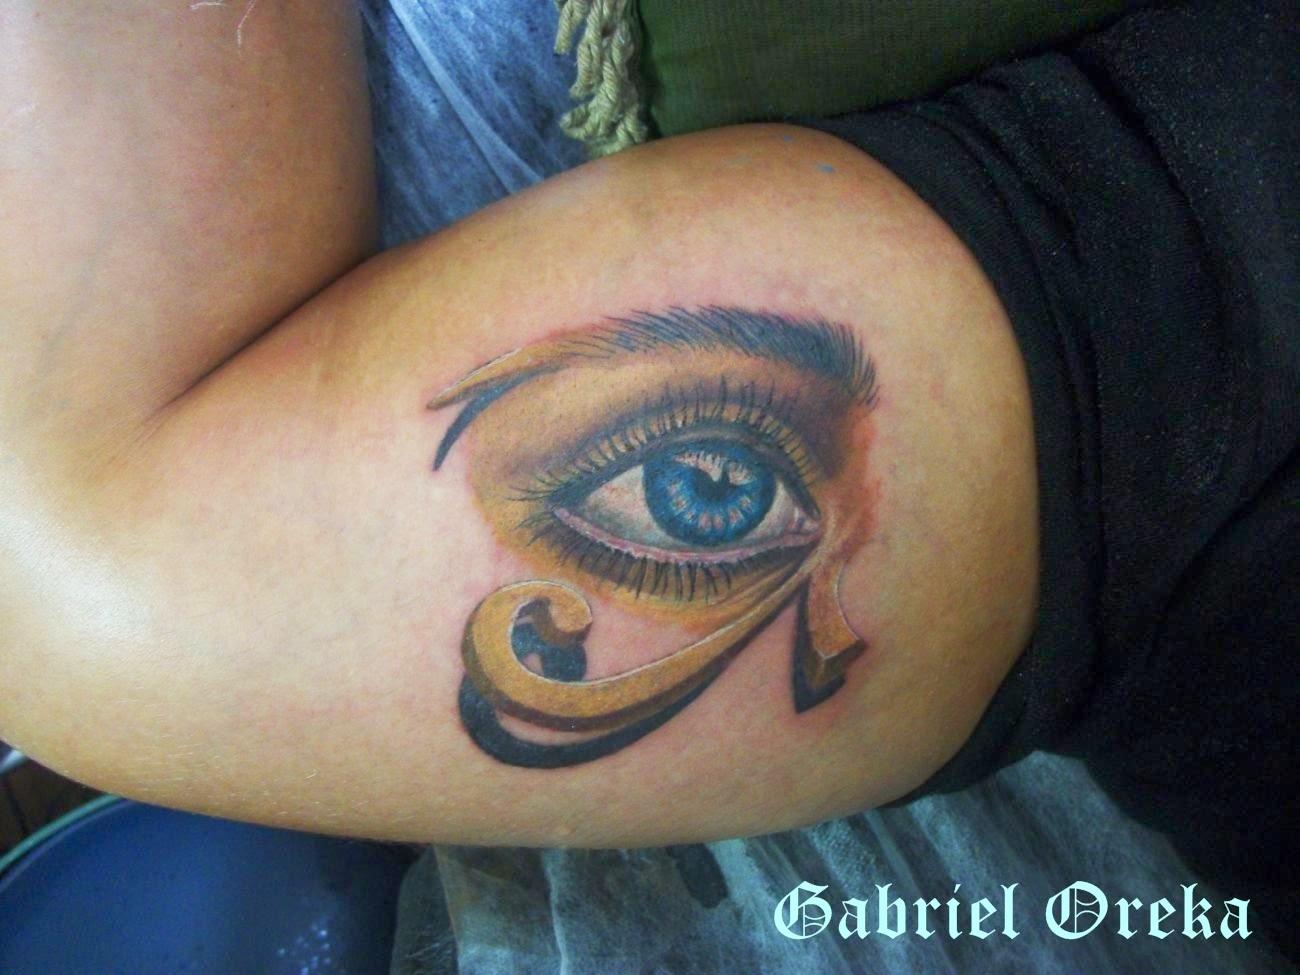 tattoo olho com sombra no braço